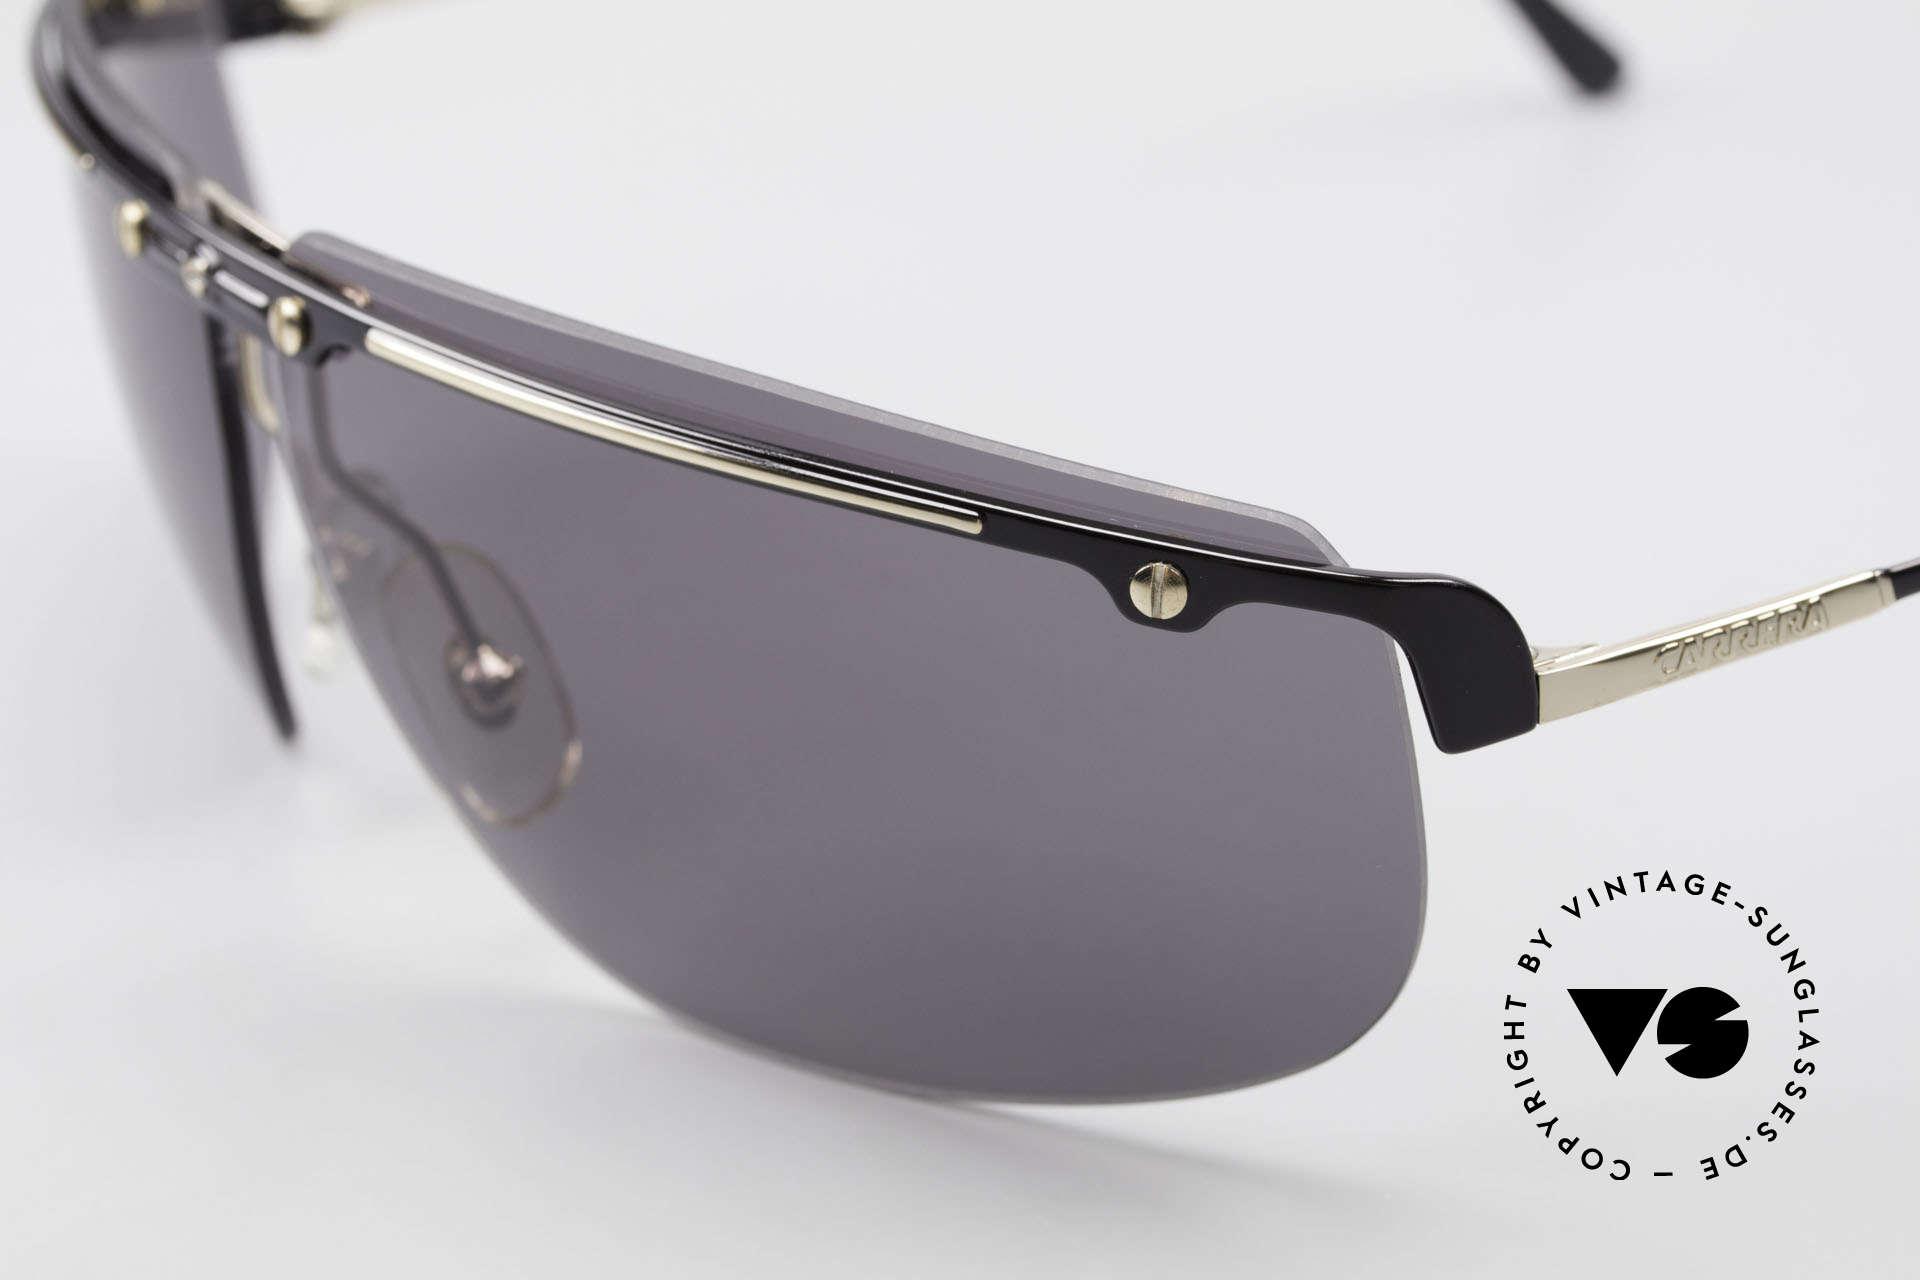 Carrera 5420 90er Sportsonnenbrille Wrap, 100% UV Protection & stilvolles Accessoire zugleich, Passend für Herren